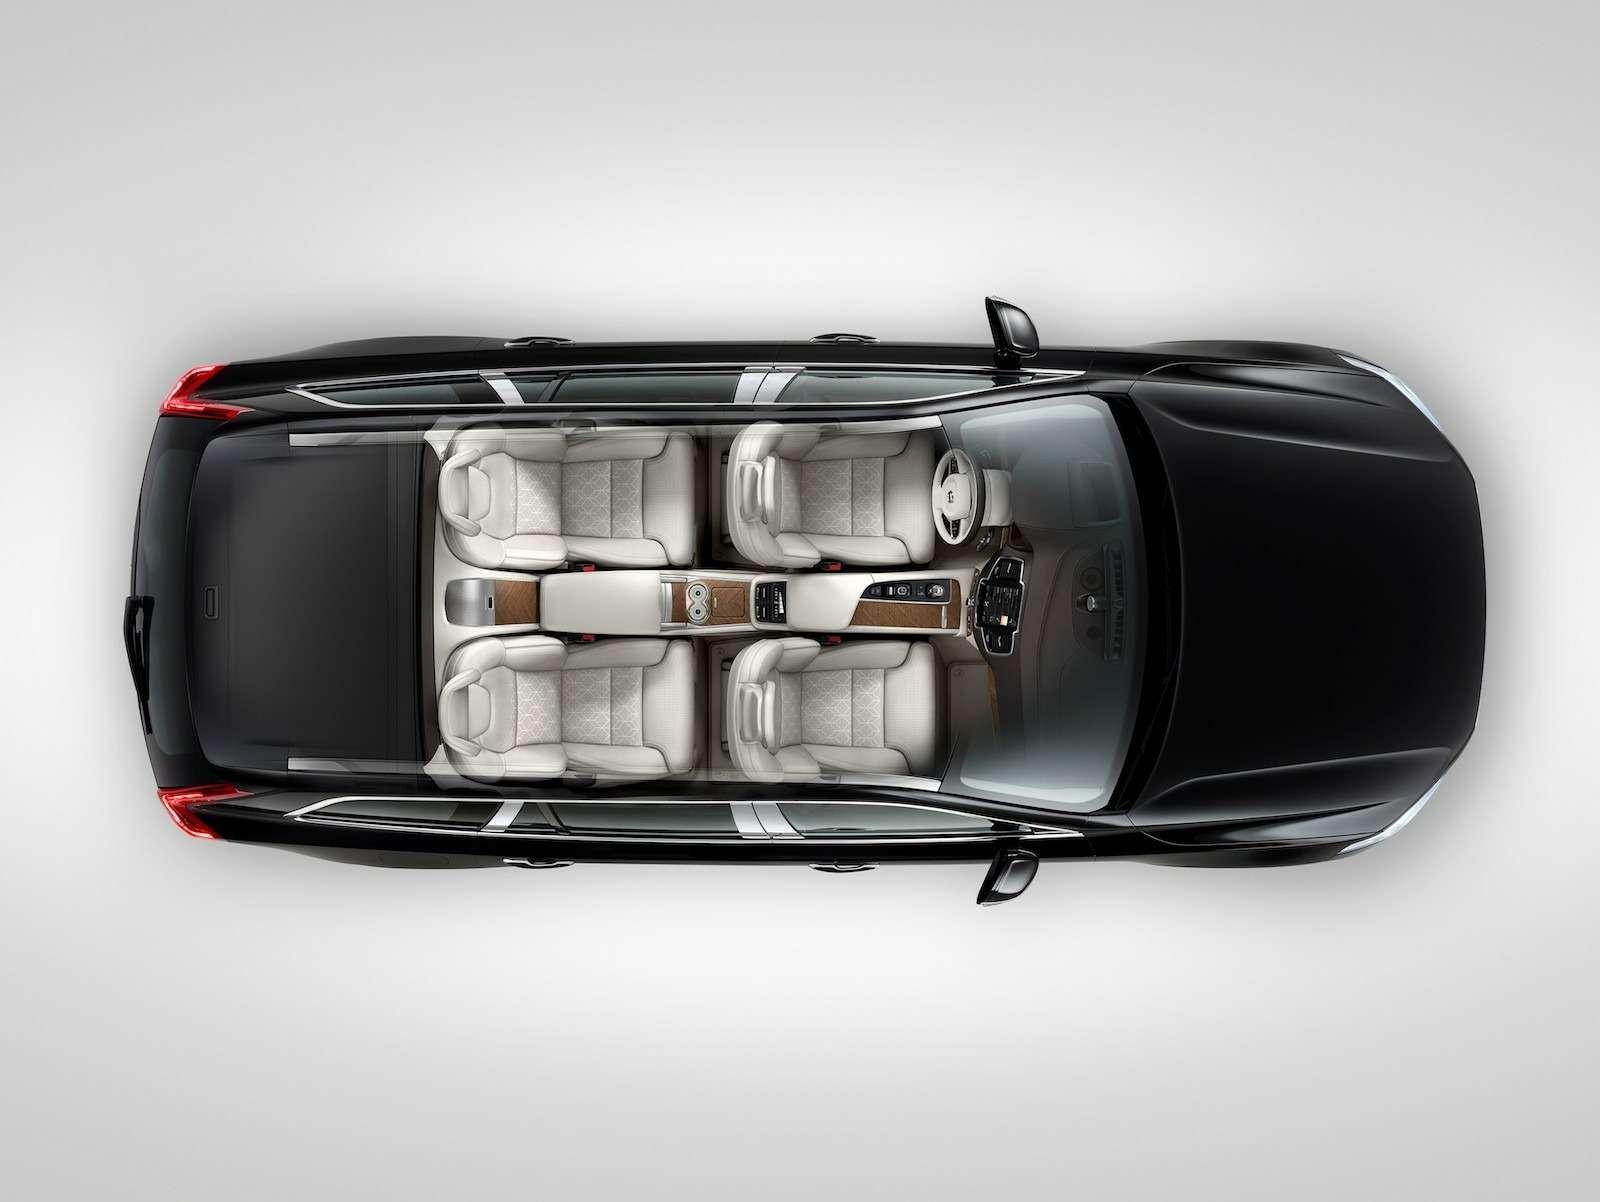 Дизель, давай, досвидания: Volvo переходит наэлектричество. Даже вРоссии!— фото 902806